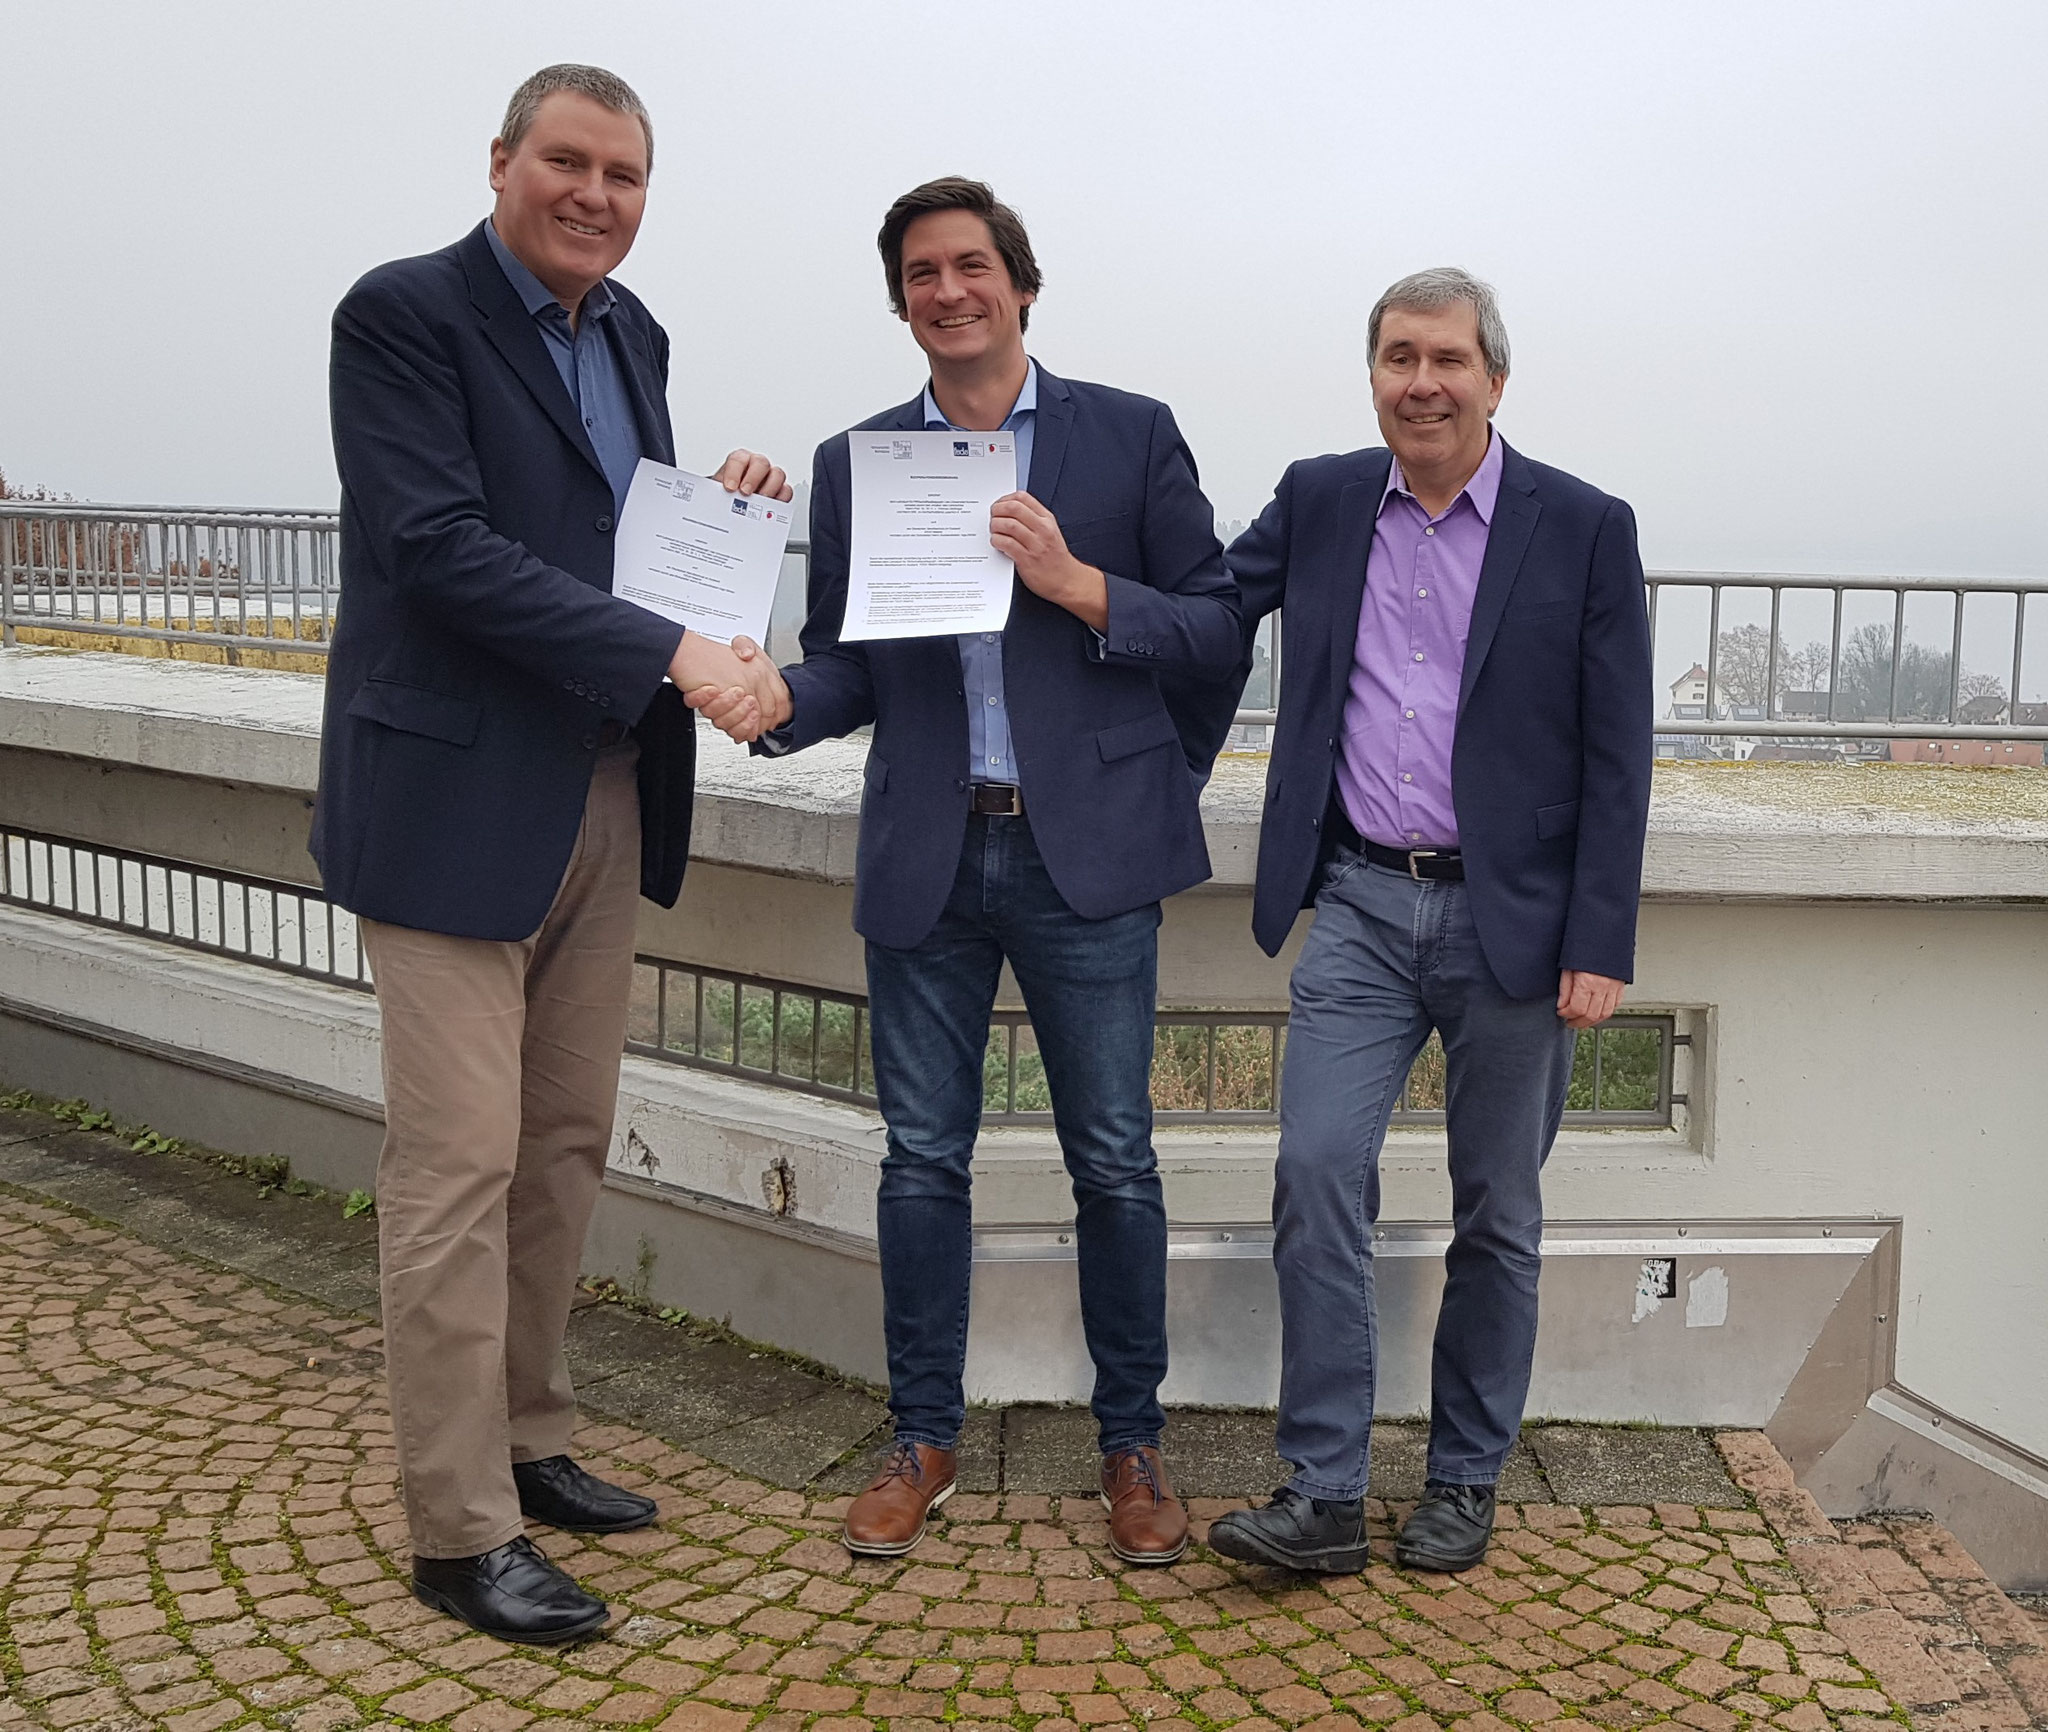 Lehrstuhl für Wirtschaftspädagogik Prof. Dr. Dr. h.c. Thomas Deißinger und Joachim Dietrich sowie FEDA-Schulleiter Ingo Winter